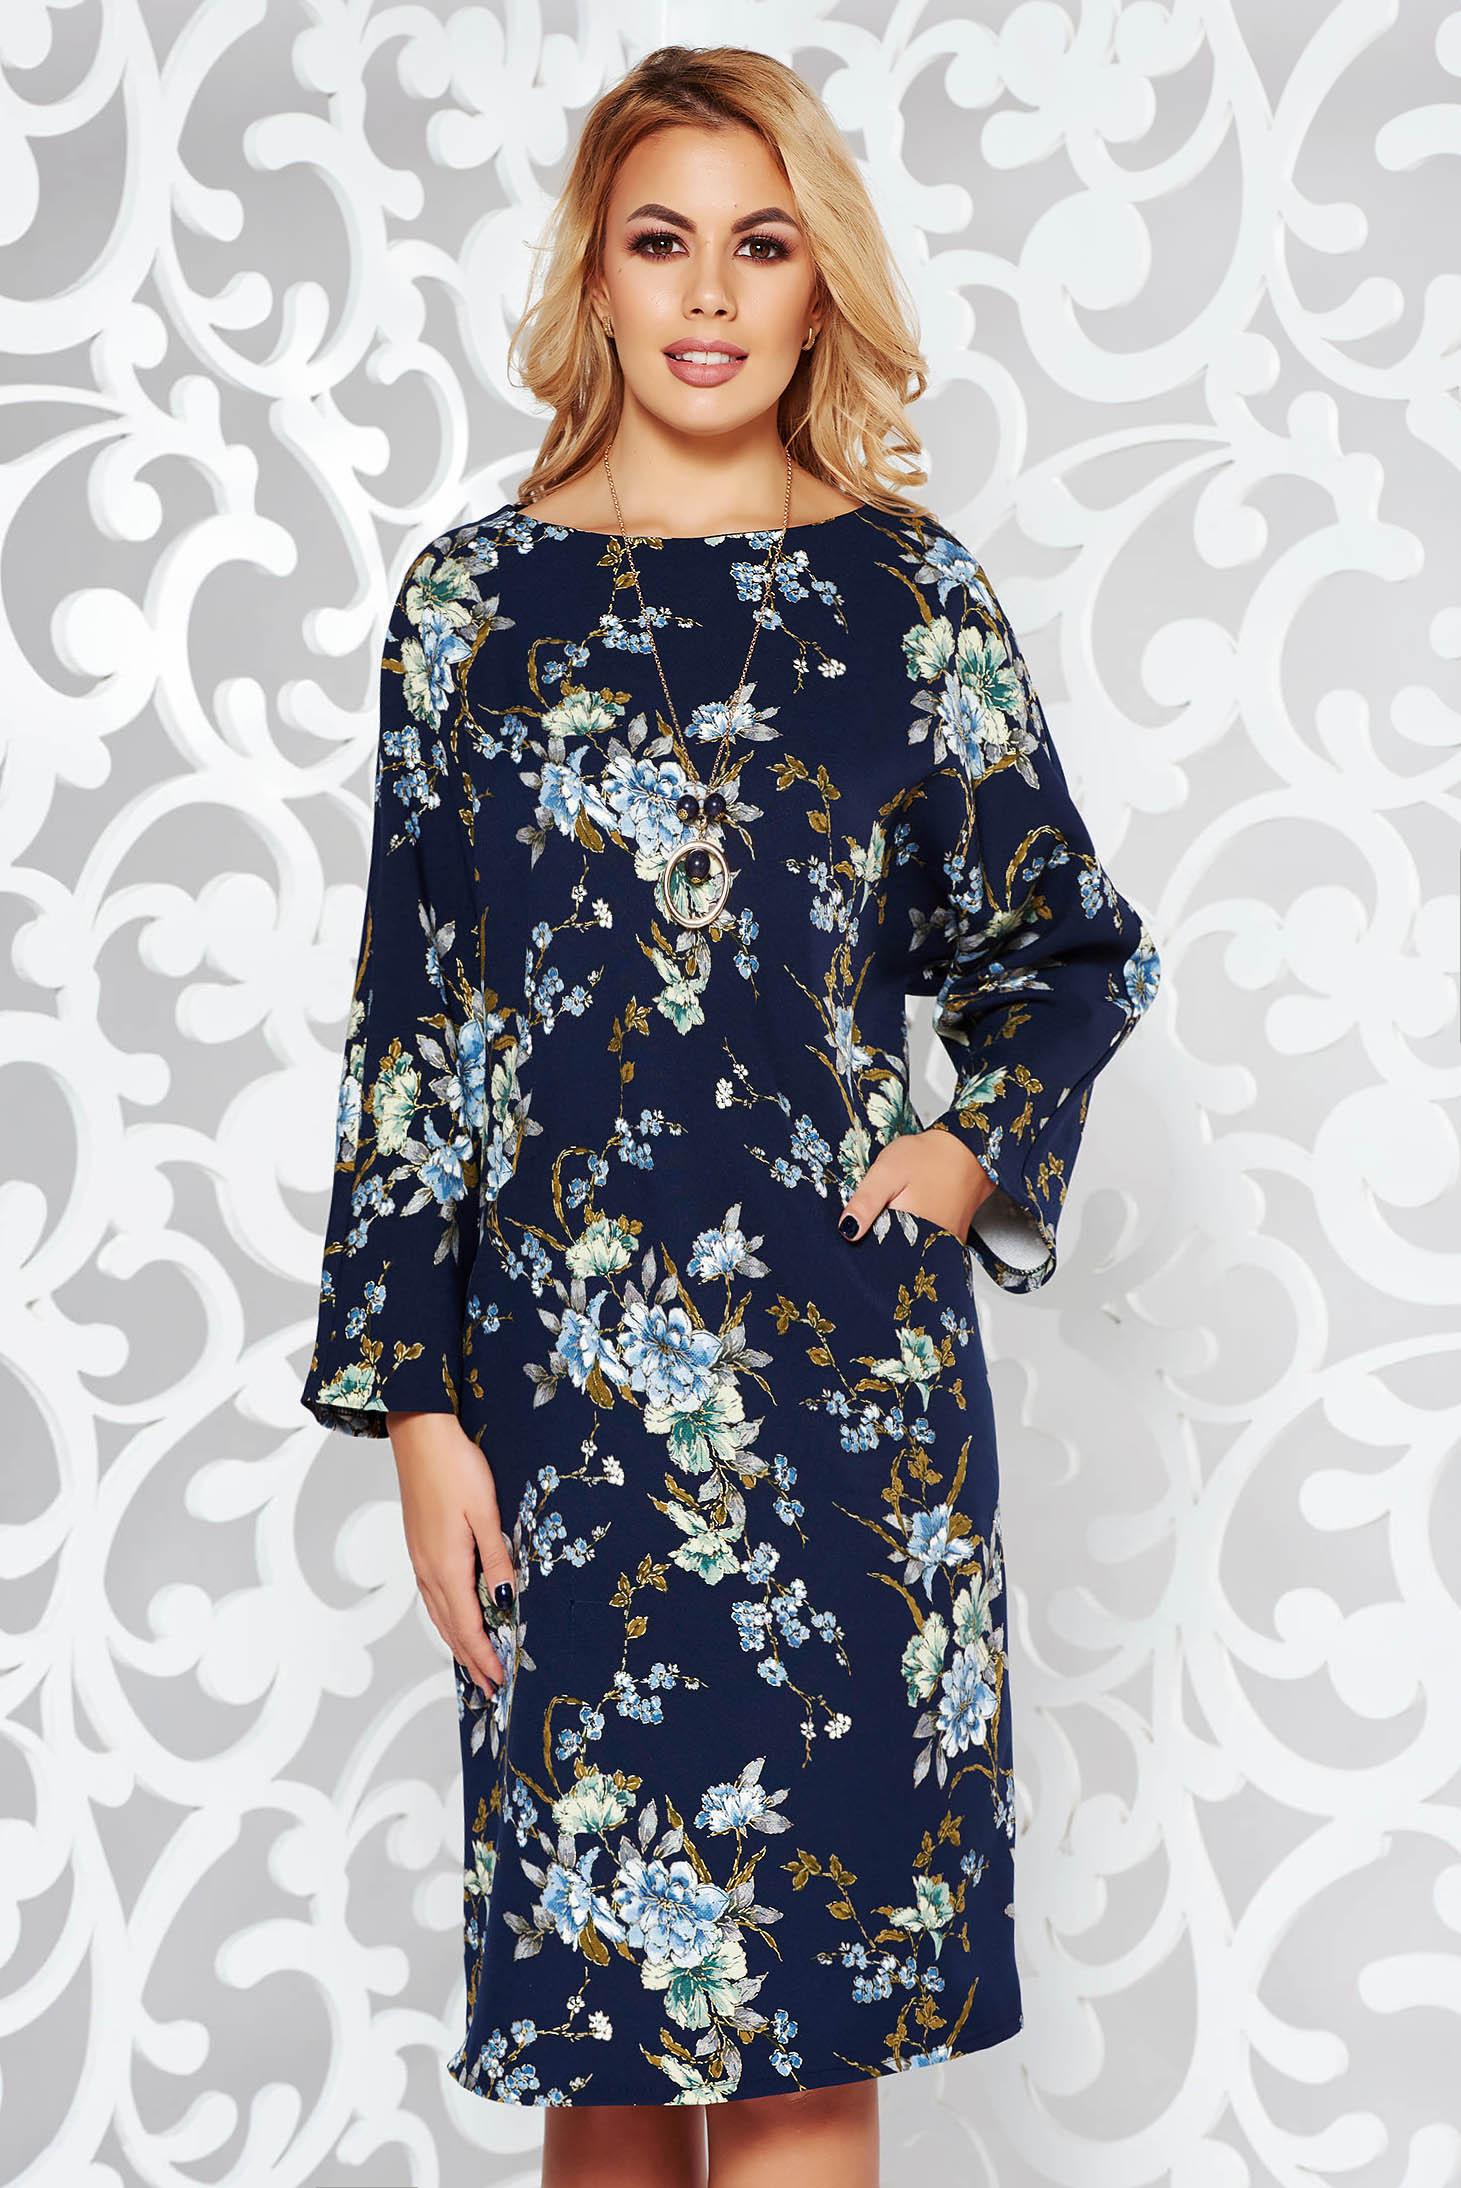 Rochie albastra-inchis eleganta cu croi larg din material usor elastic accesorizata cu lantisor